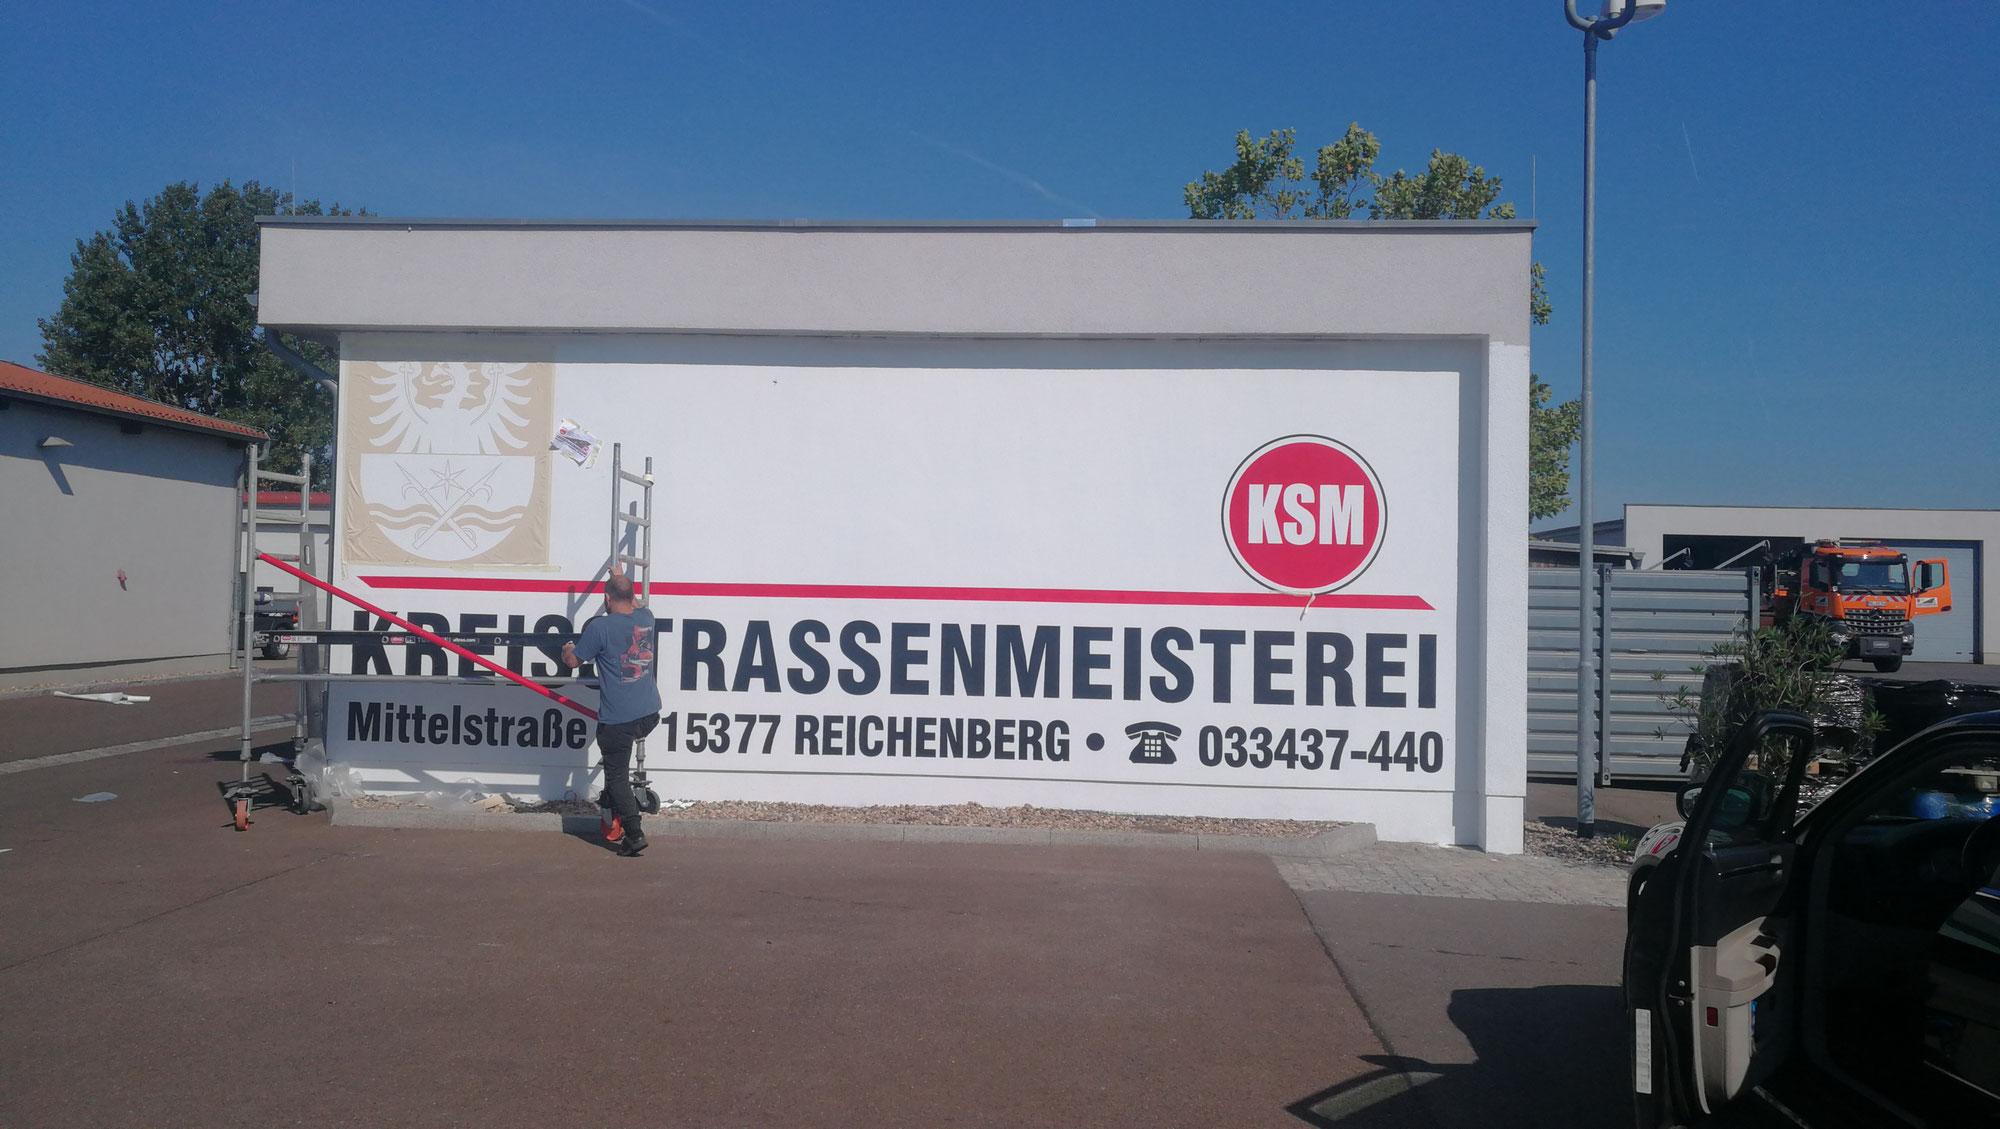 Werbung an der Fassade gemalt mit von Graffiti Künstlern